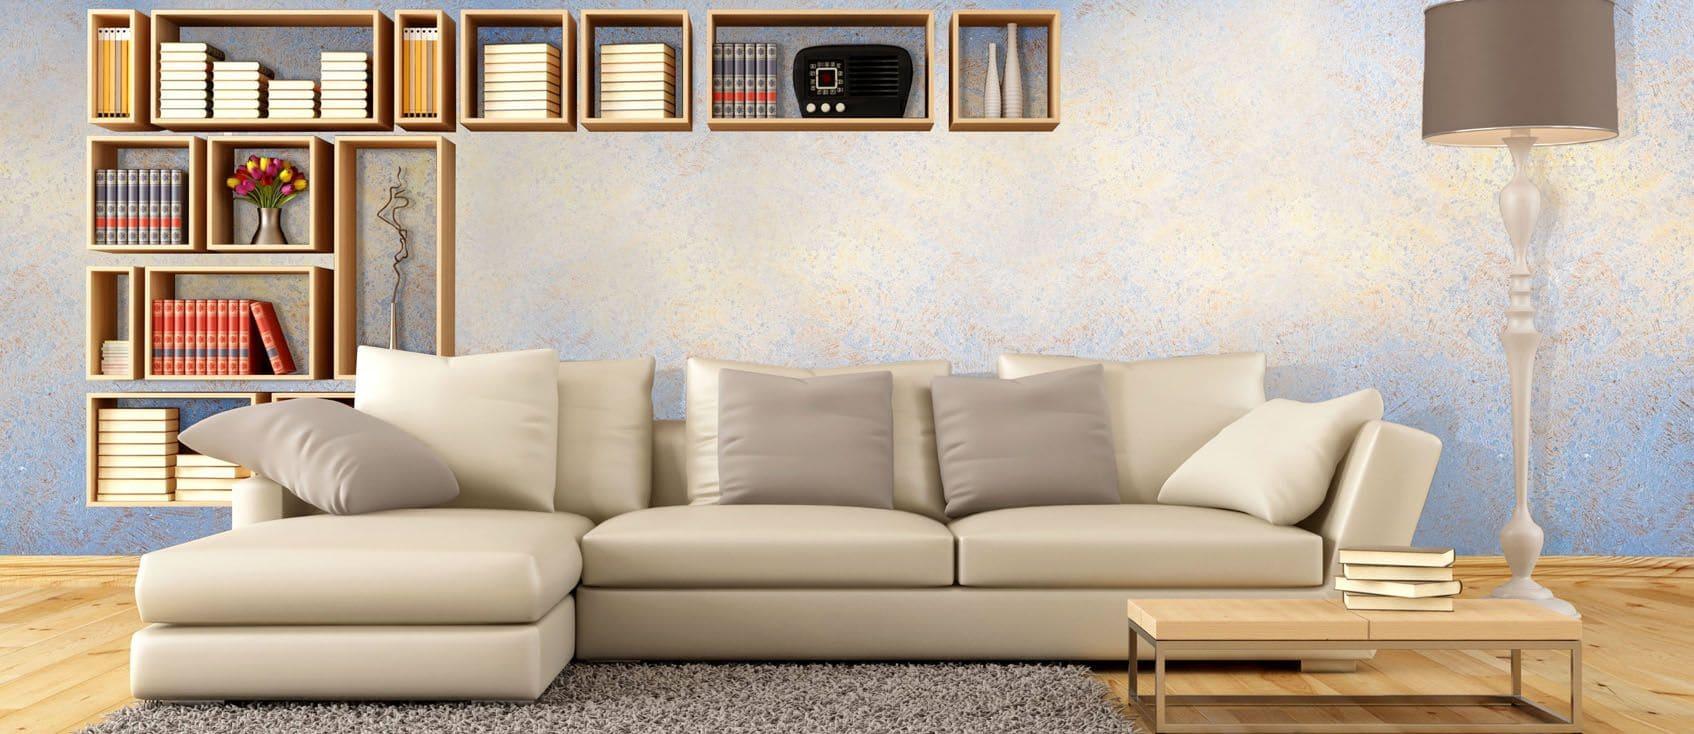 Декоративная штукатурка - лучшие красивые варианты отделки стен в интерьере 062